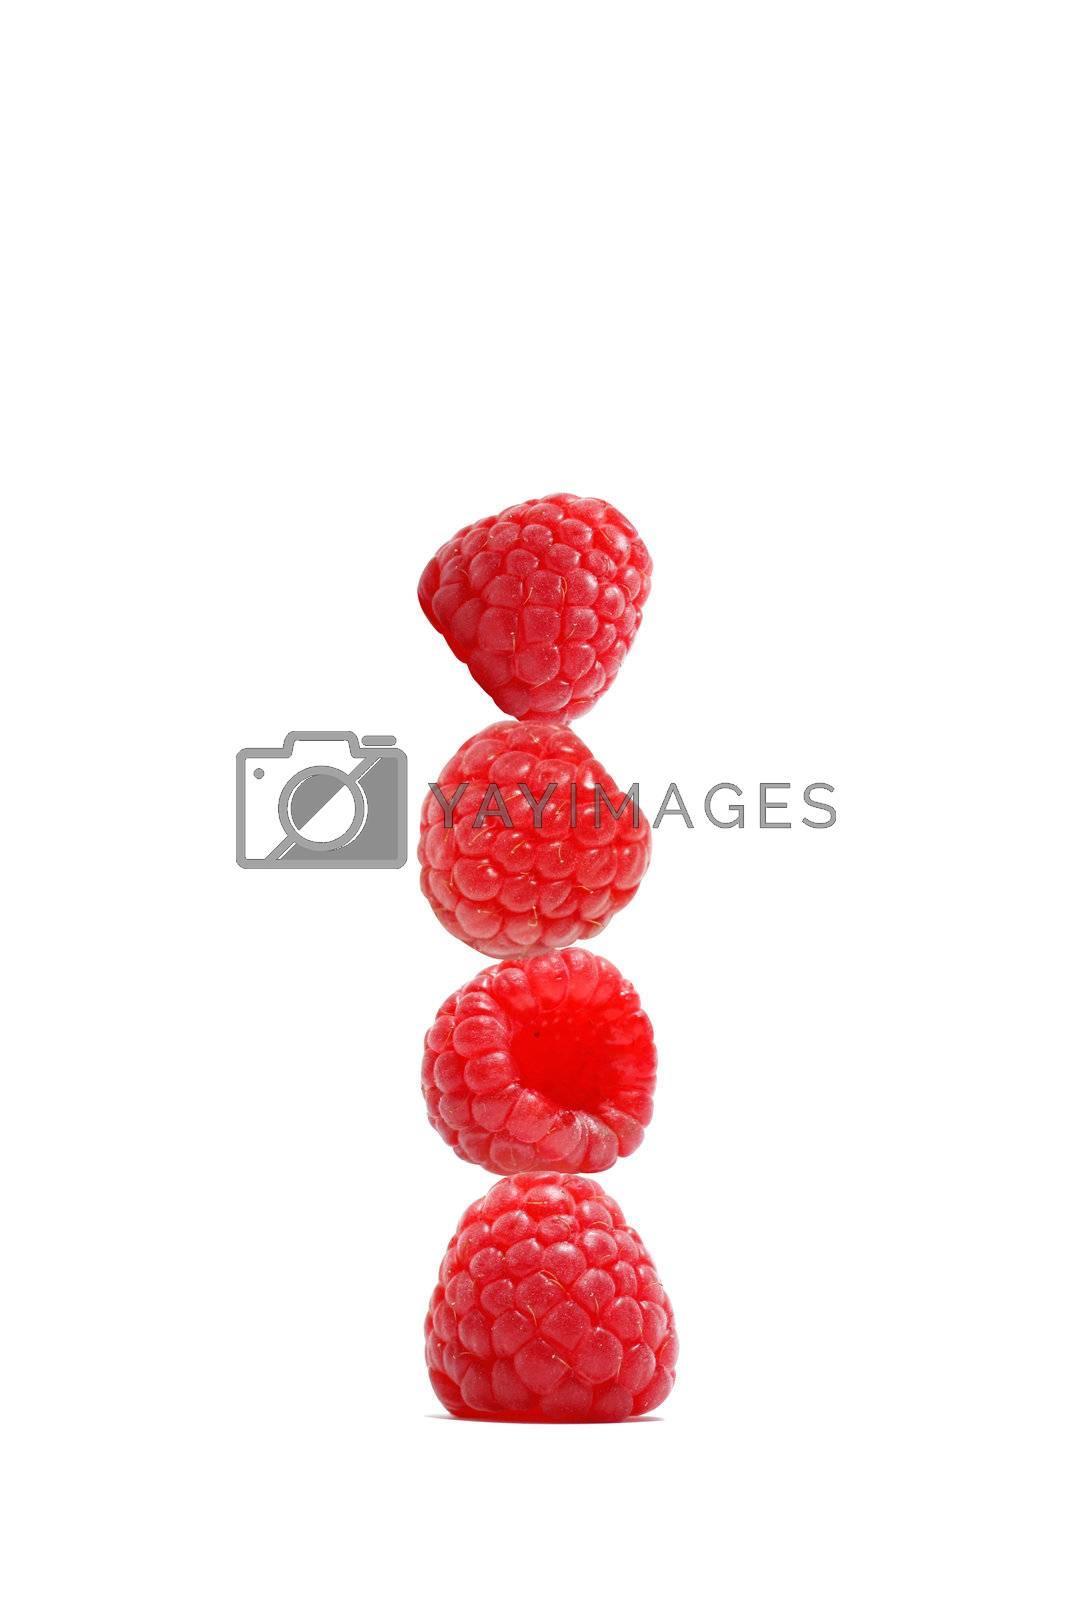 Royalty free image of Raspberries by leeser